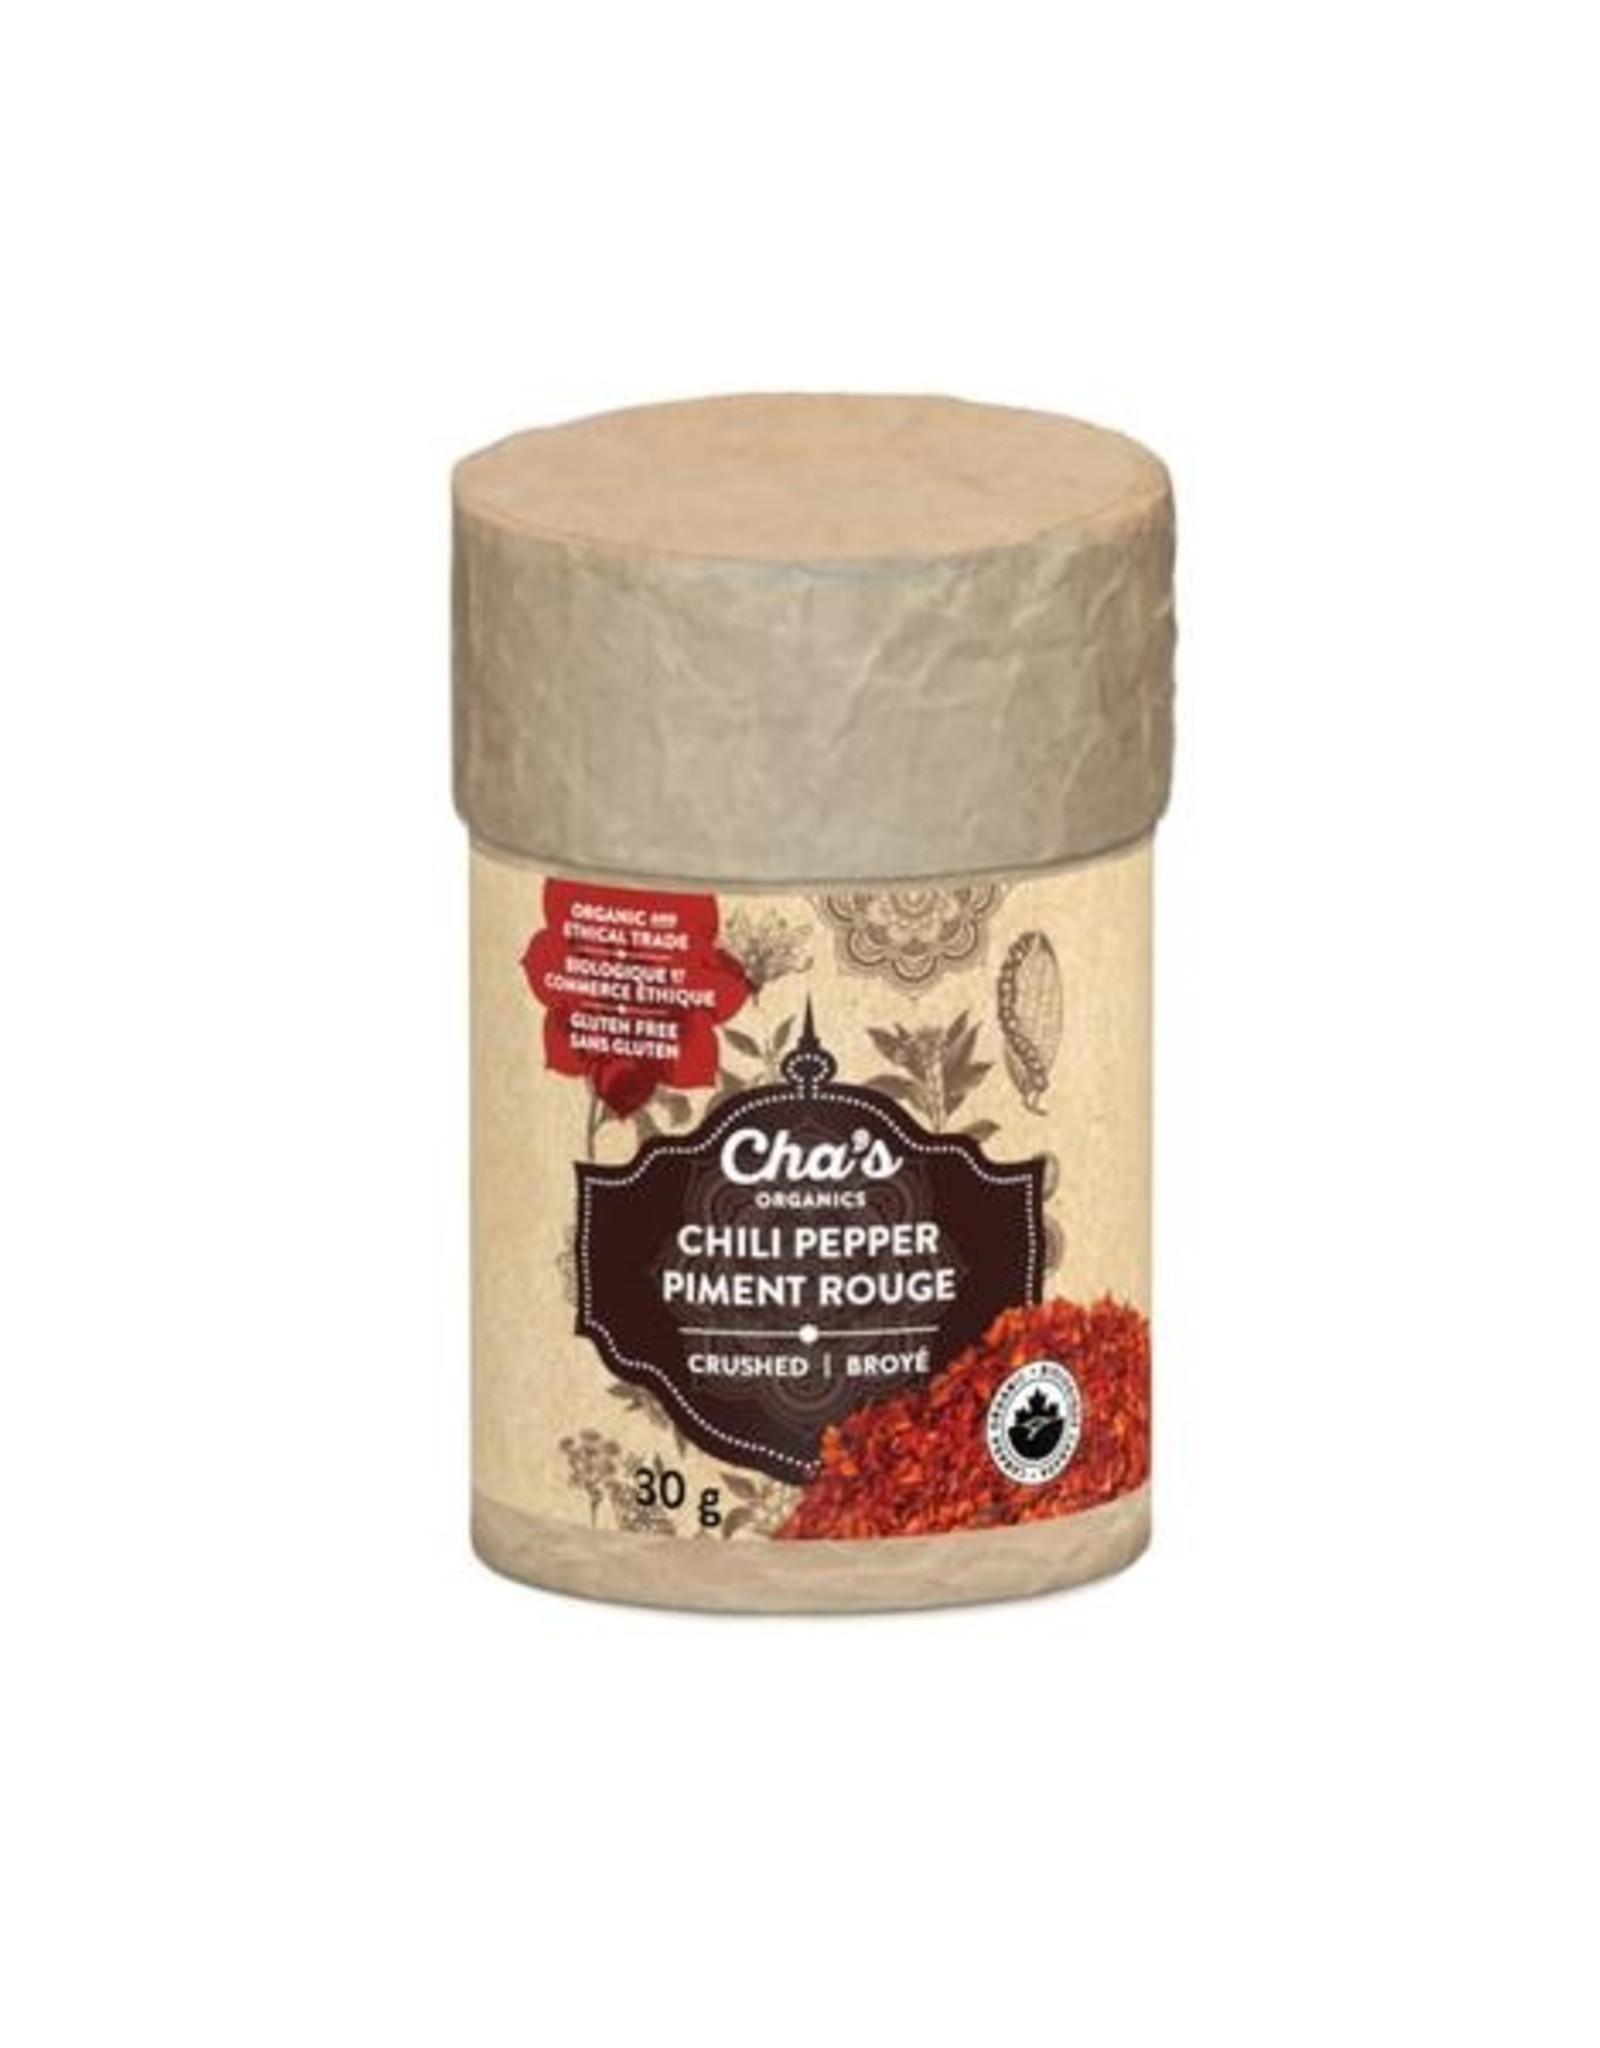 Cha's Organics Chas Organics - Chili Pepper Crushed  (30g)